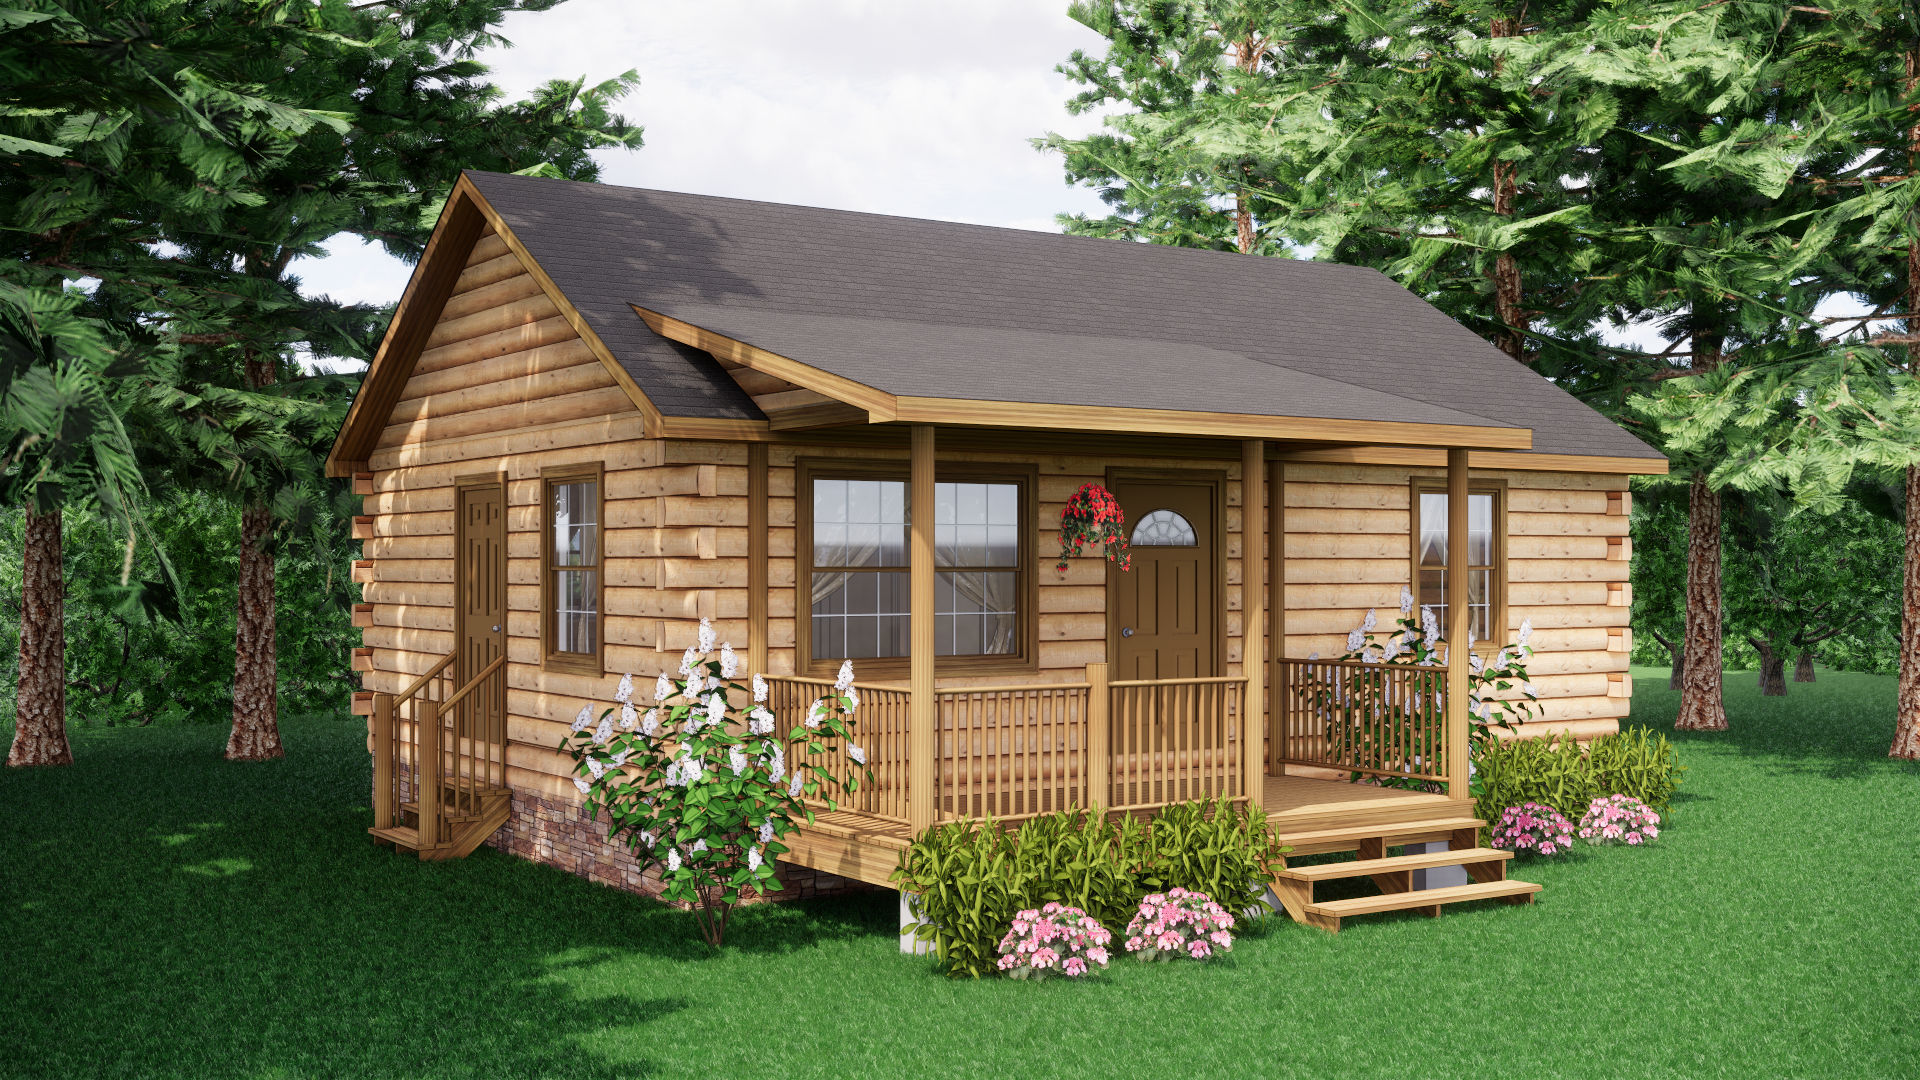 Small Log Cabins - Small Log Cabin Kits 1